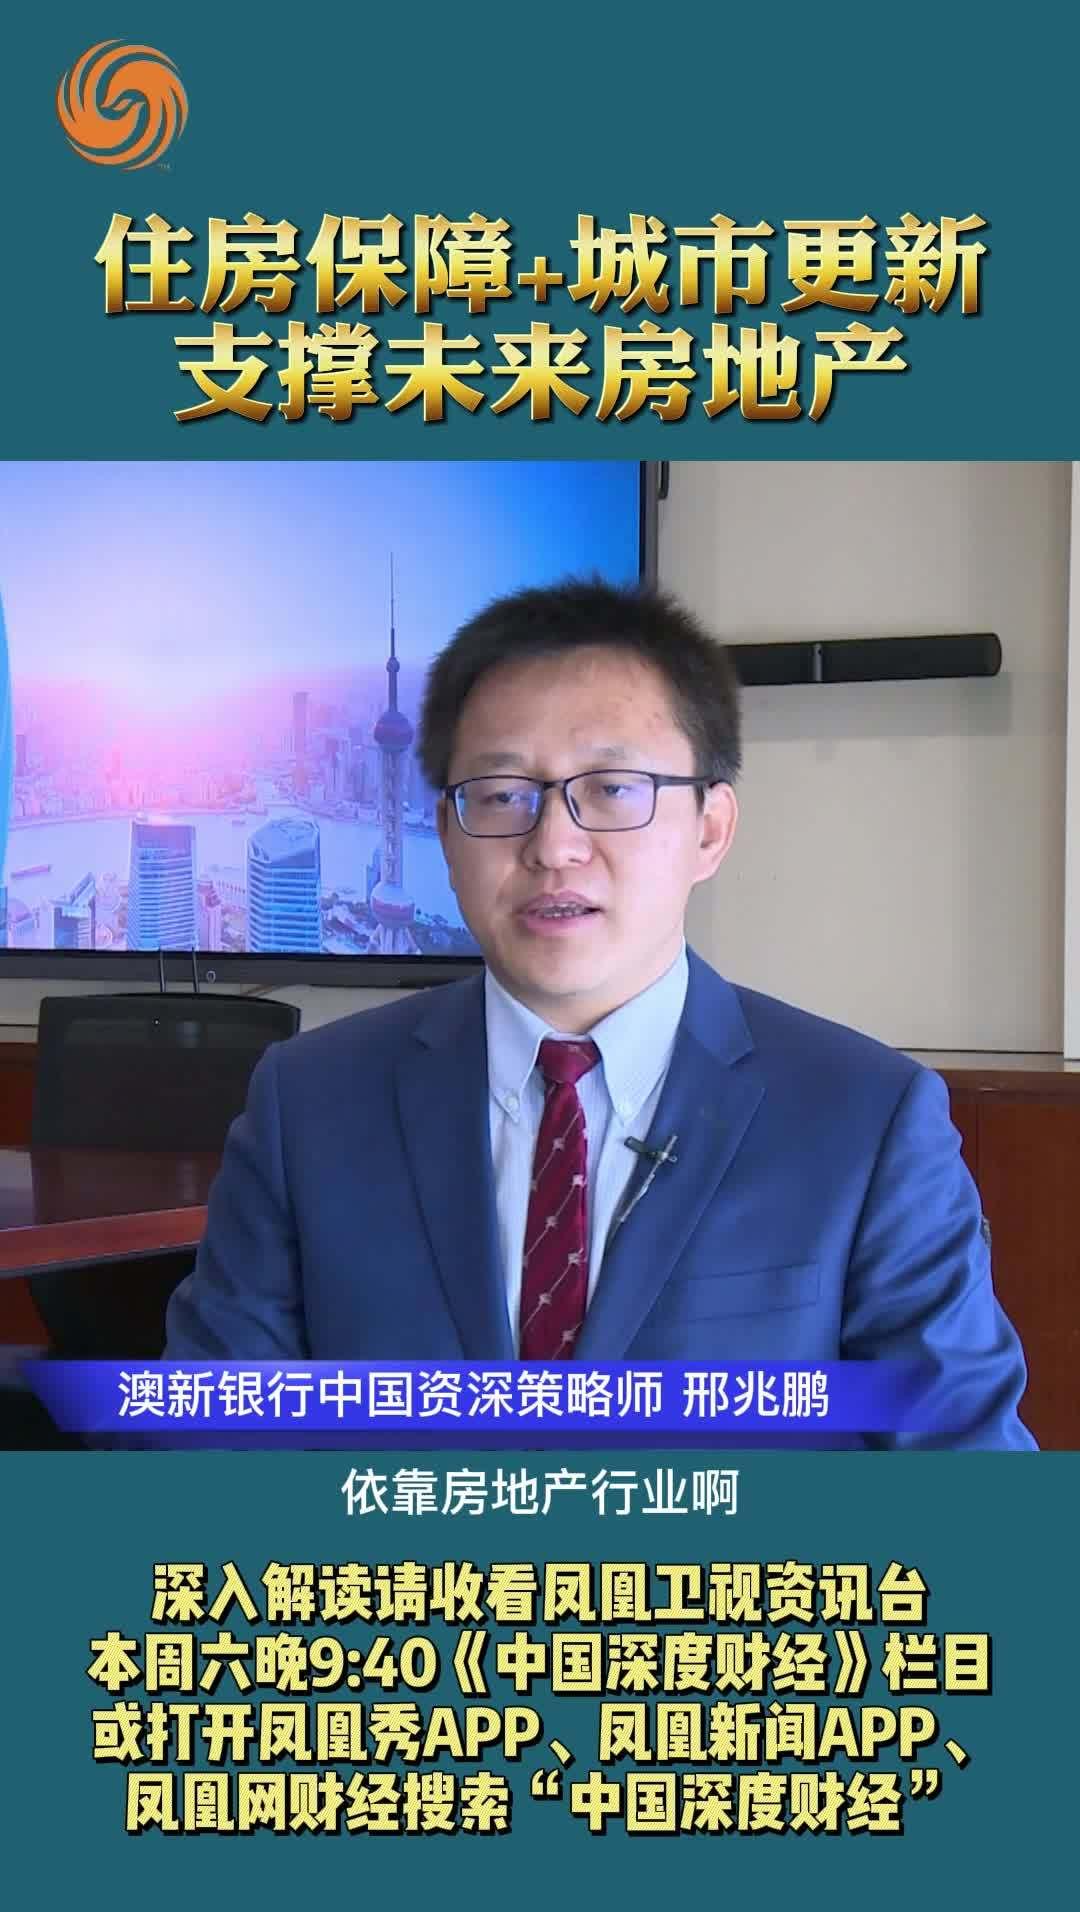 邢兆鹏:住房保障+城市更新支撑未来房地产